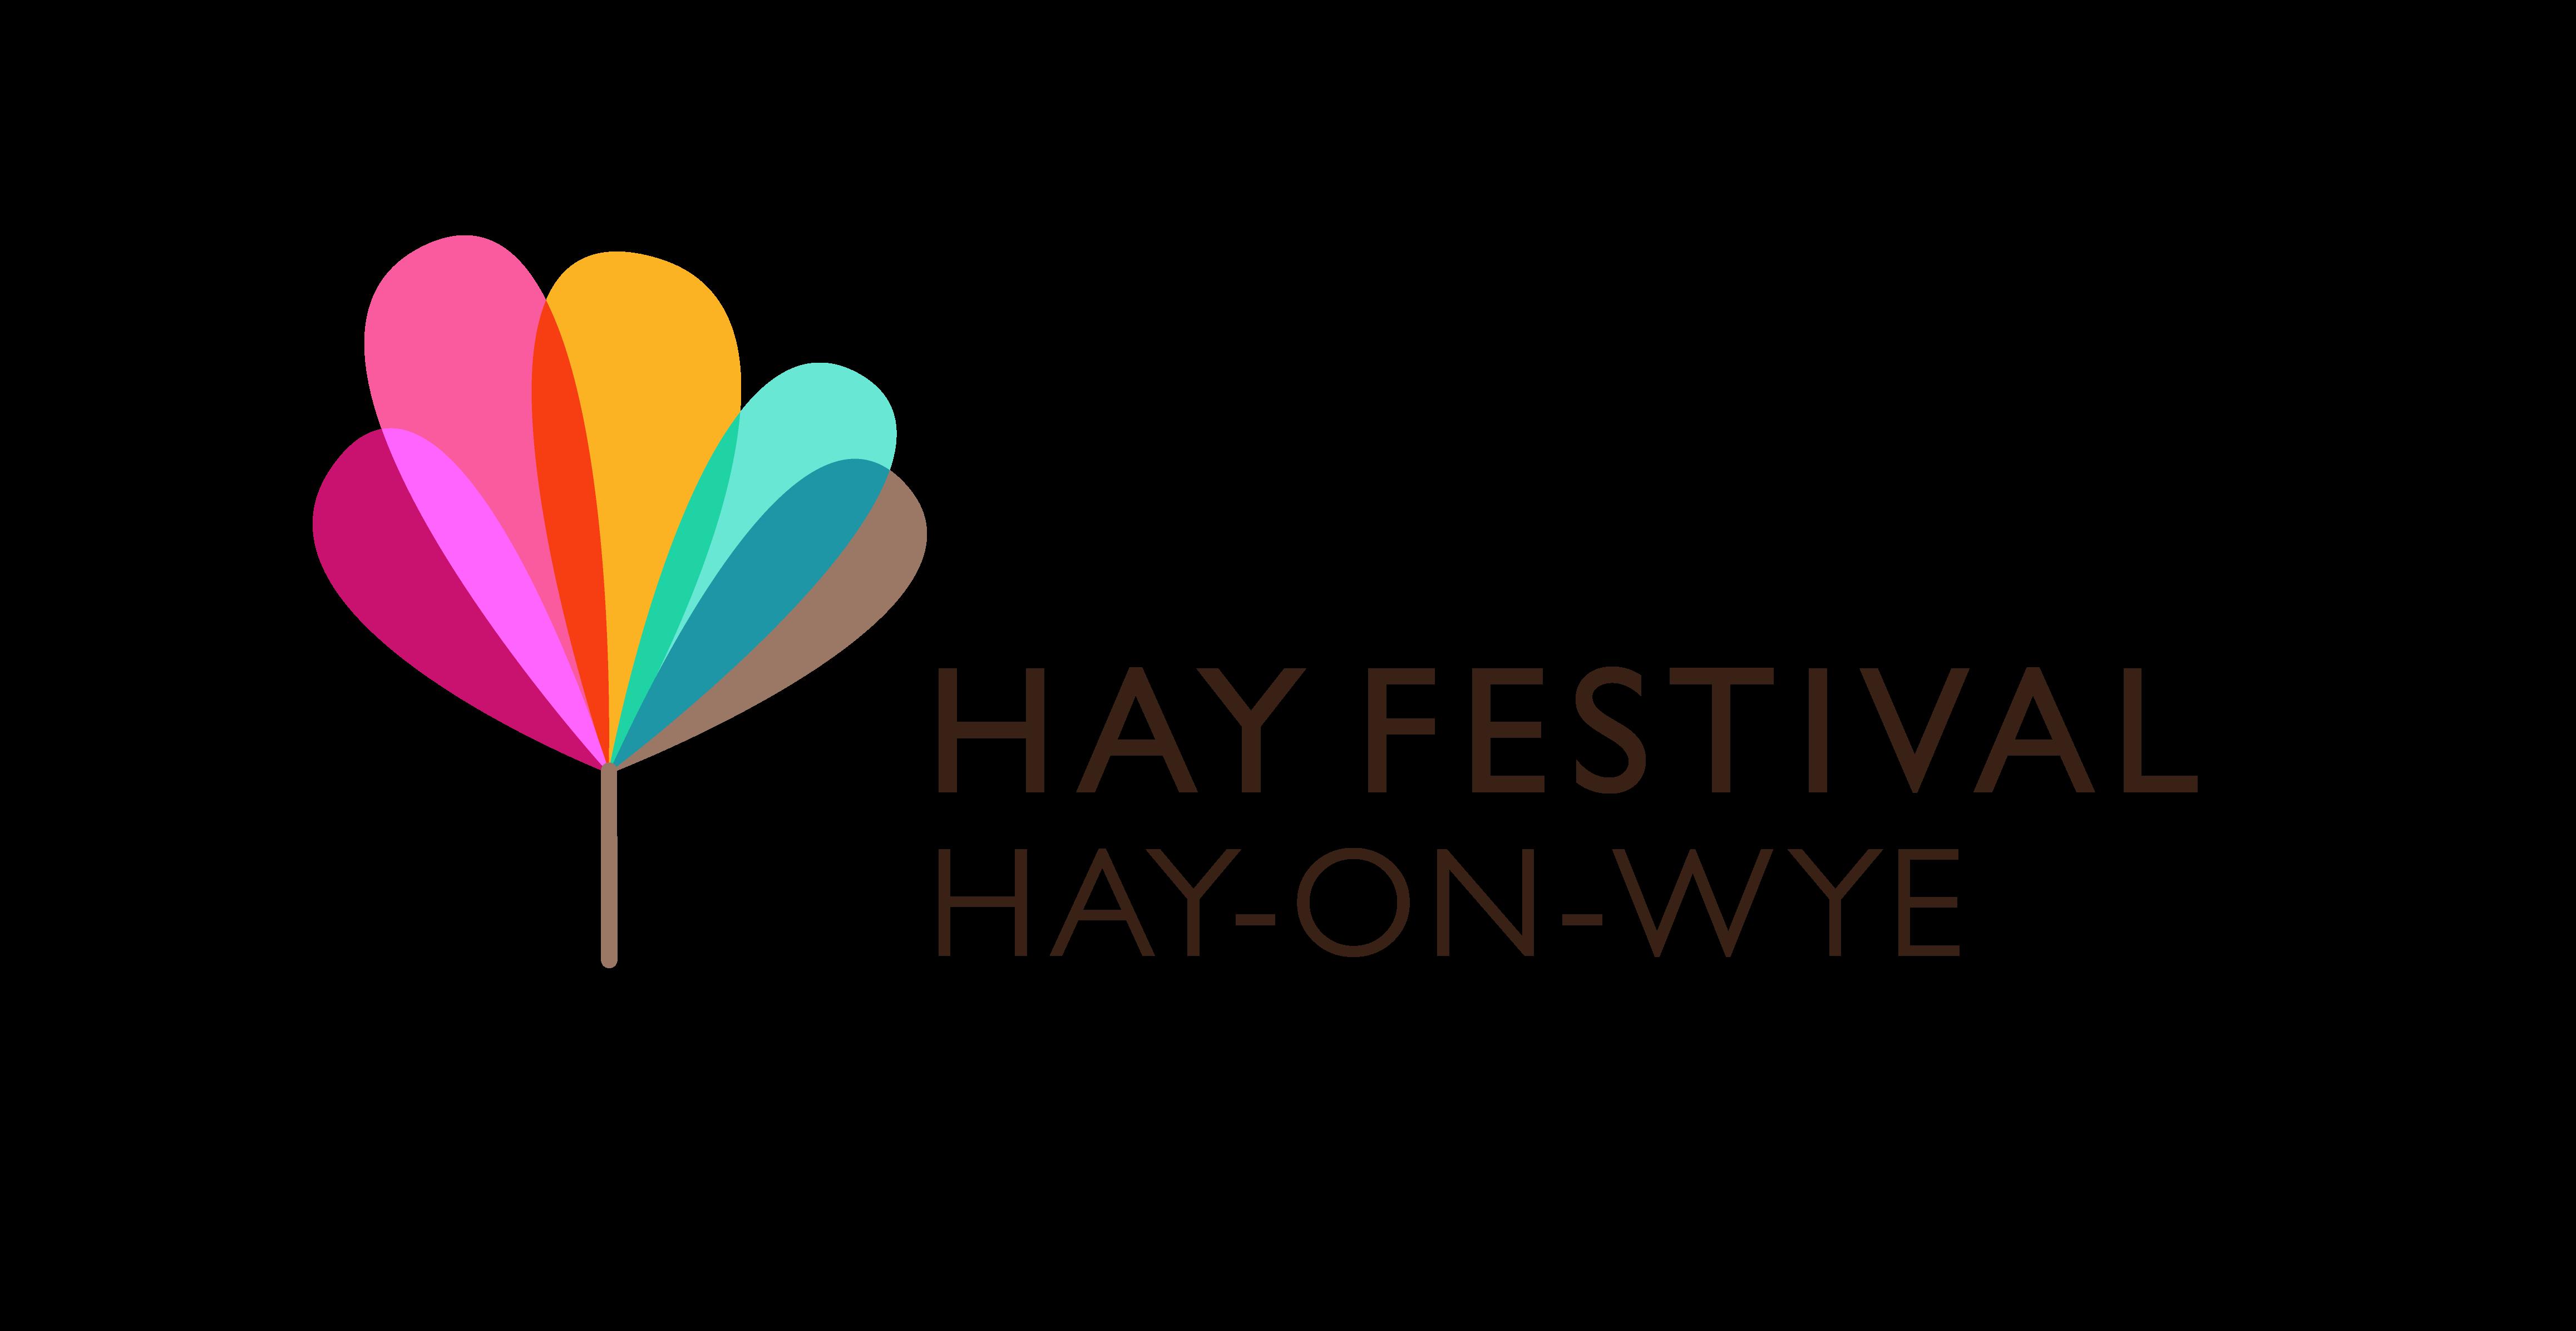 Logo for Hay Festival